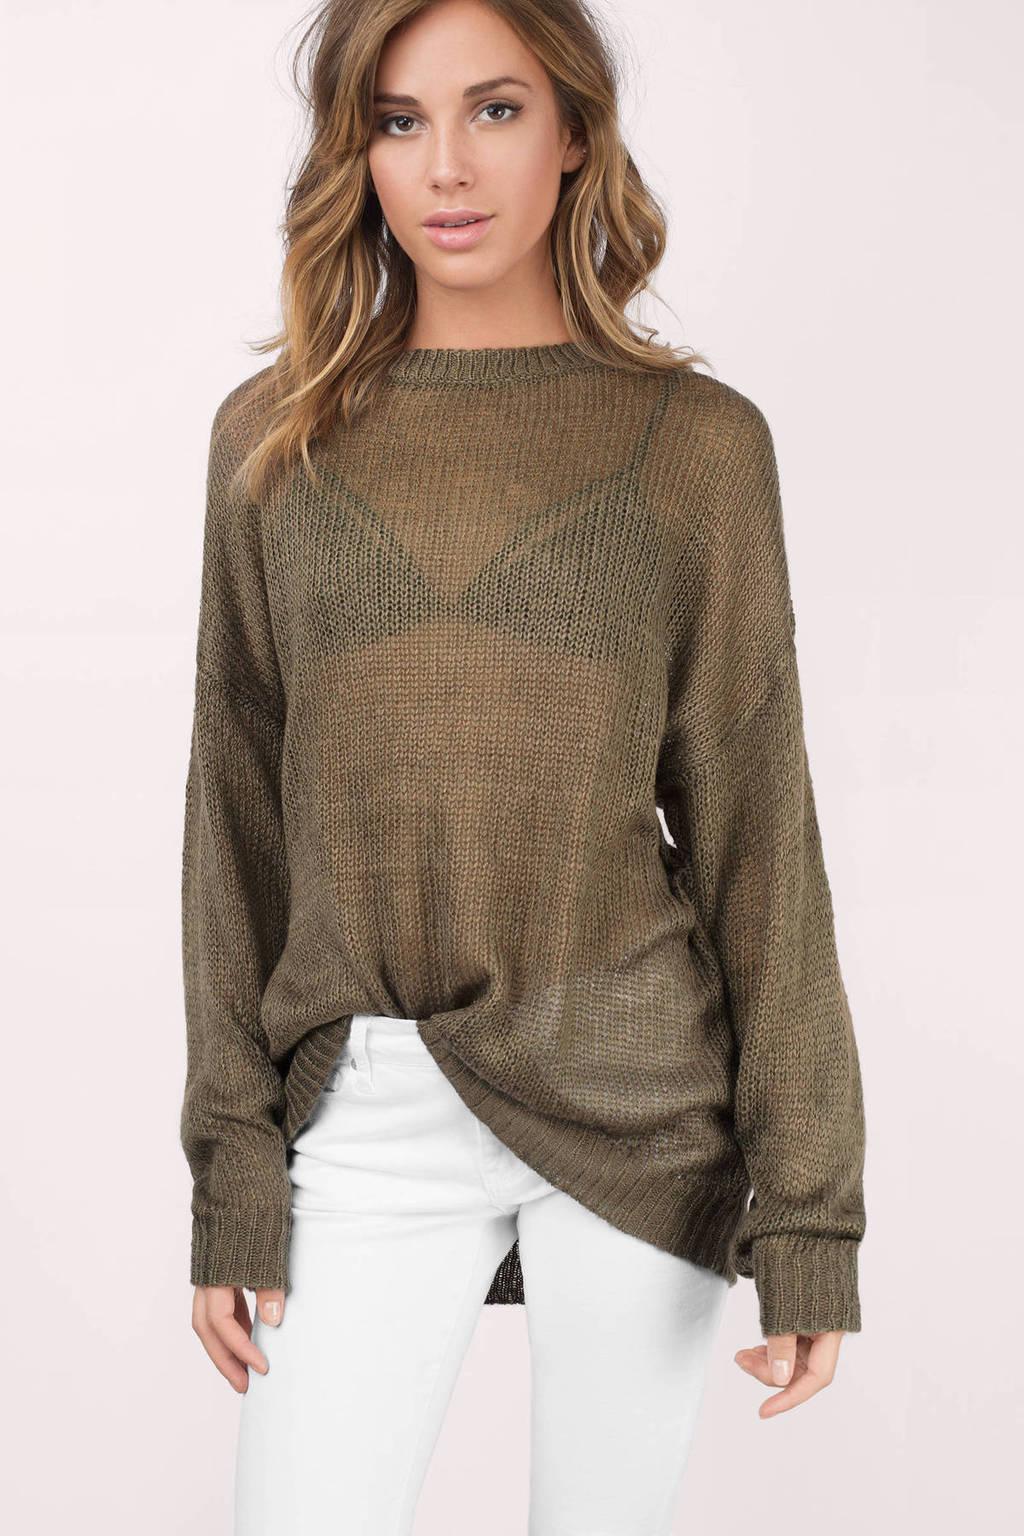 Tobi See-Through Sweater